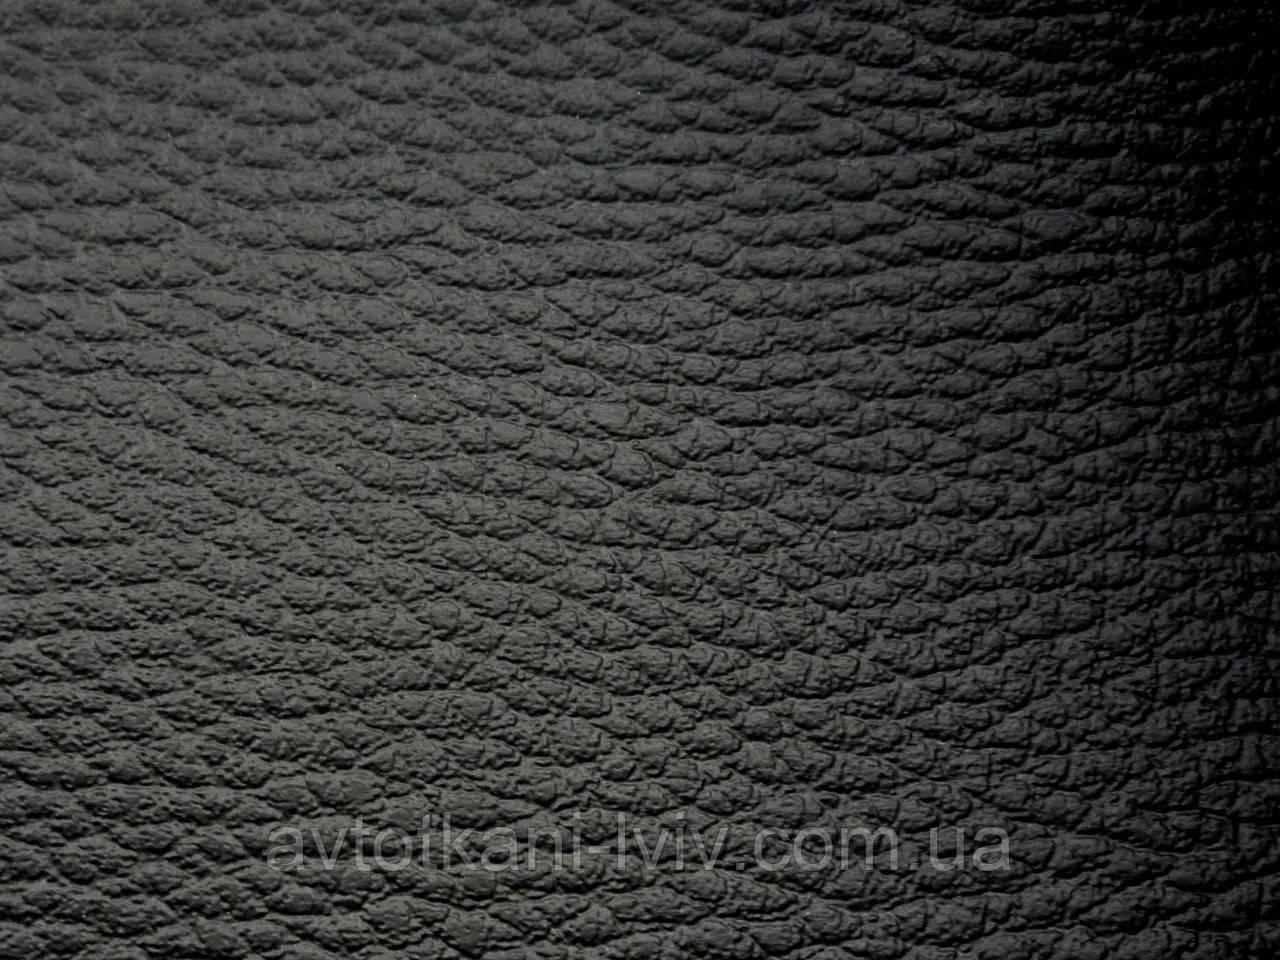 Биэластик, кожзам тягучий черный, для перетяжки салона авто.Толщина материала 1мм.